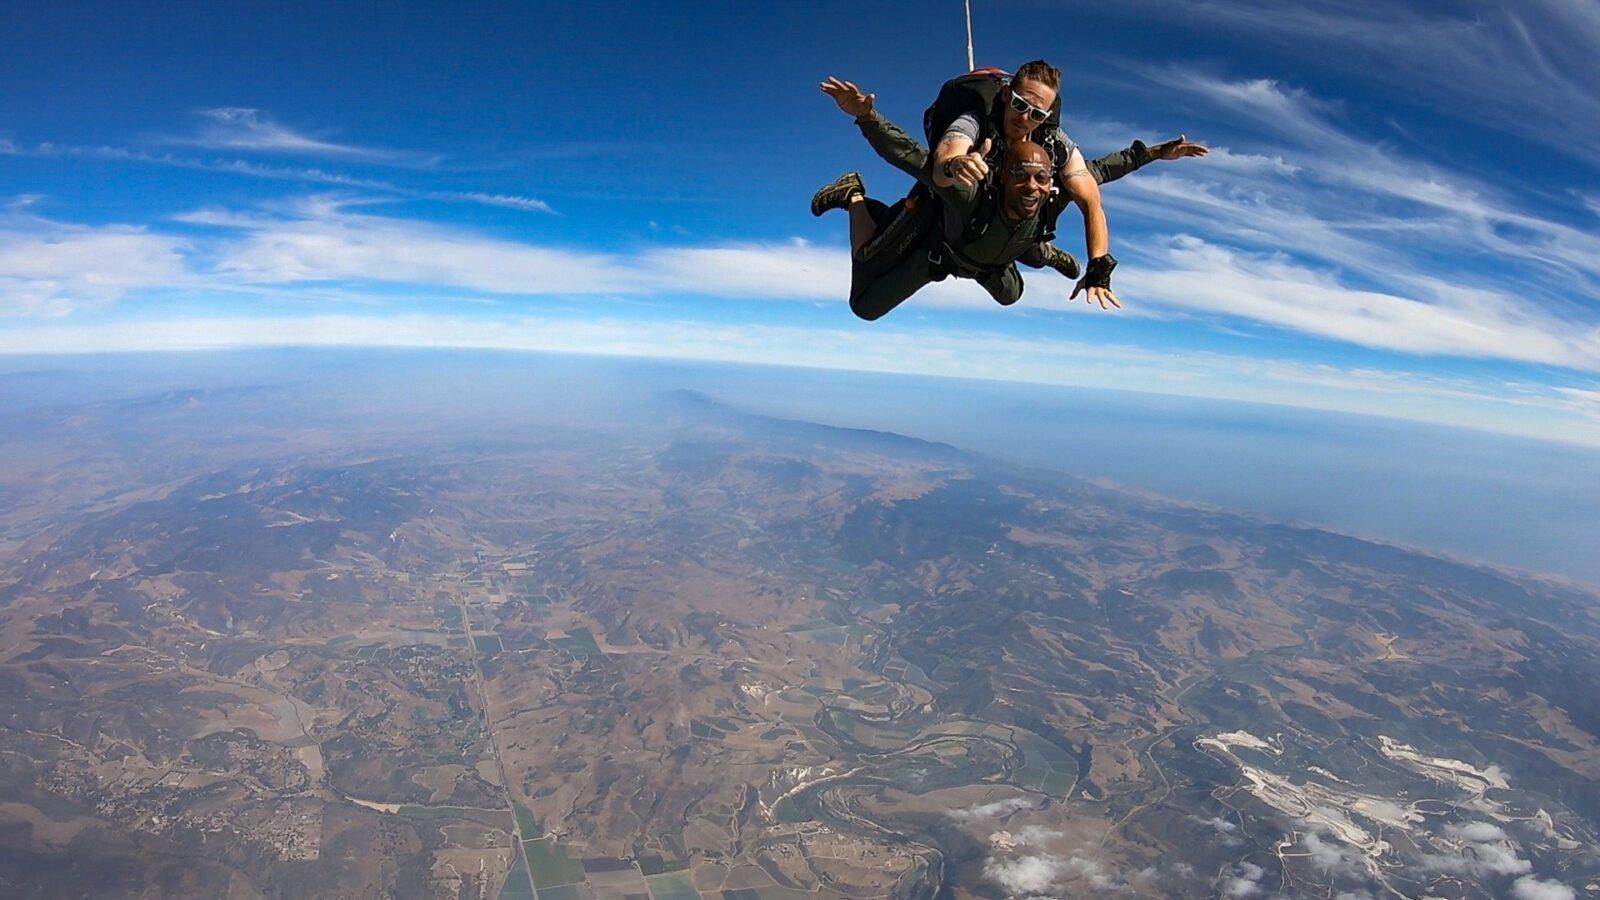 A happy jumper while tandem skydiving at Skydive Santa Barbara